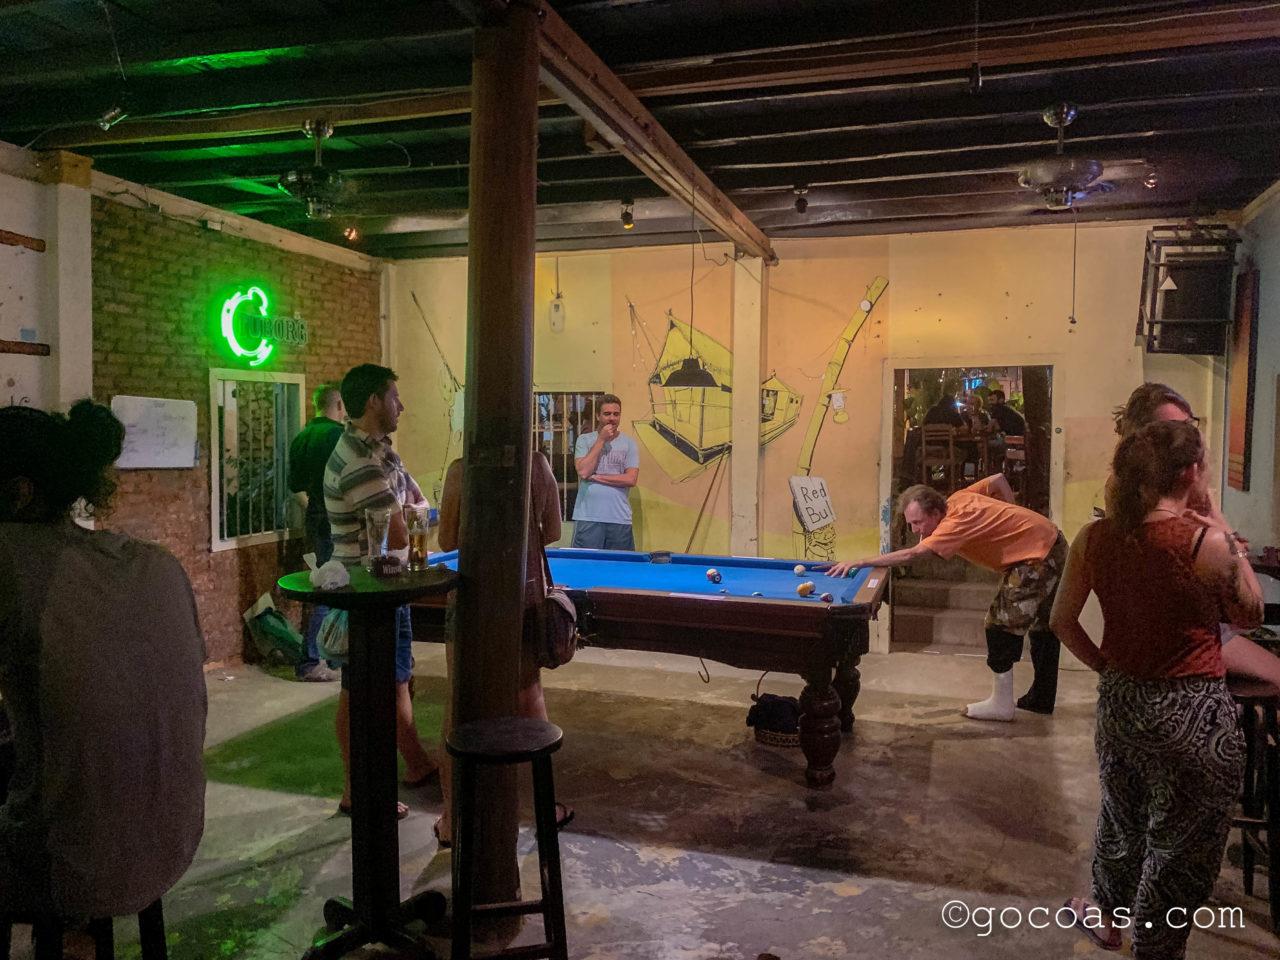 RedBul bar & restaurantの店内でビリヤードをしている人たち